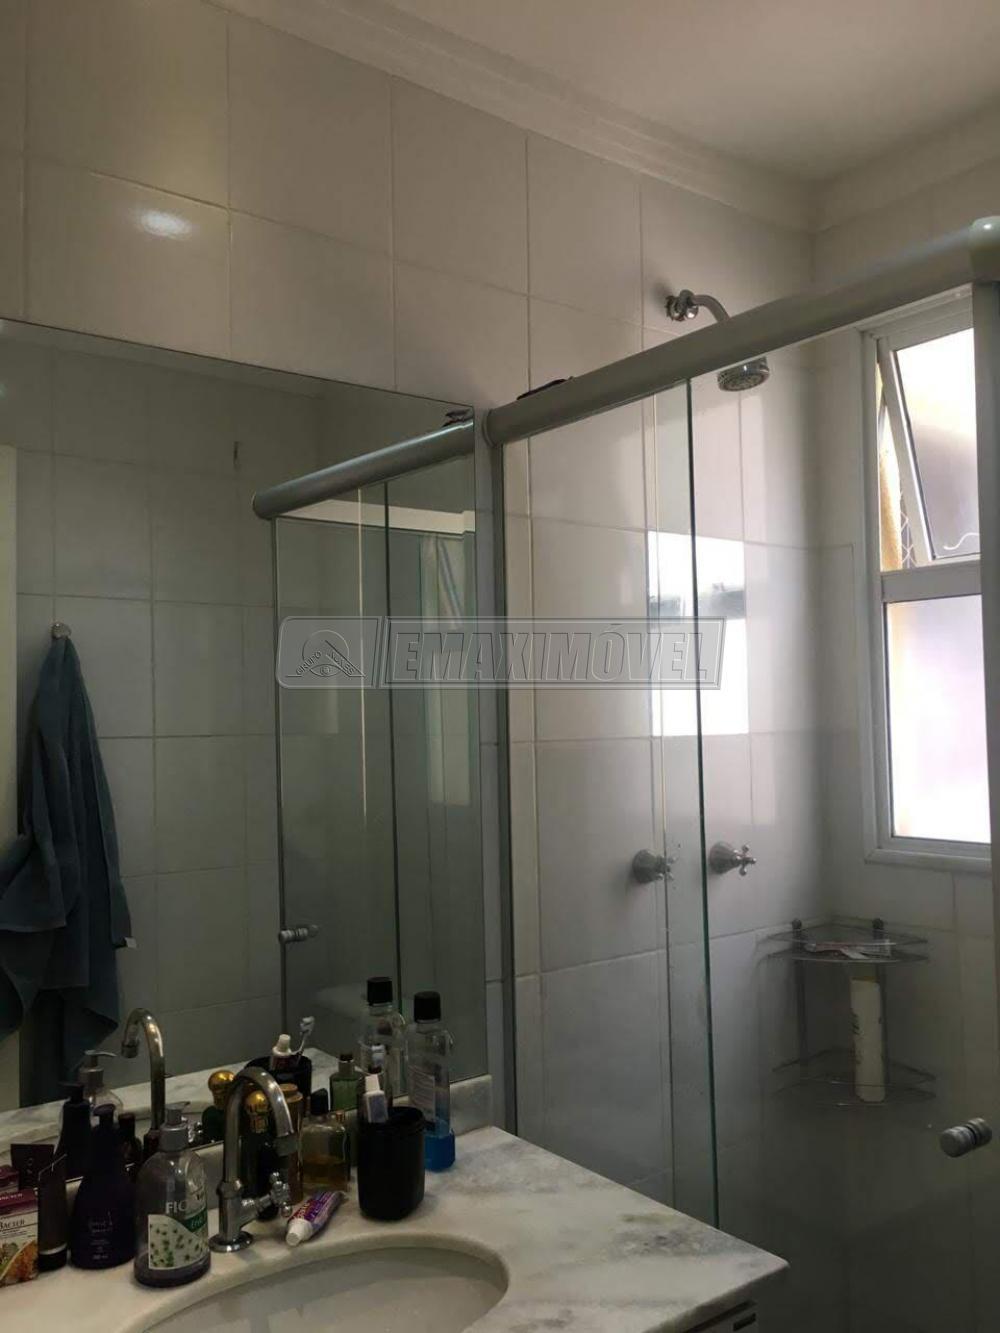 Comprar Apartamentos / Apto Padrão em Sorocaba apenas R$ 265.000,00 - Foto 12